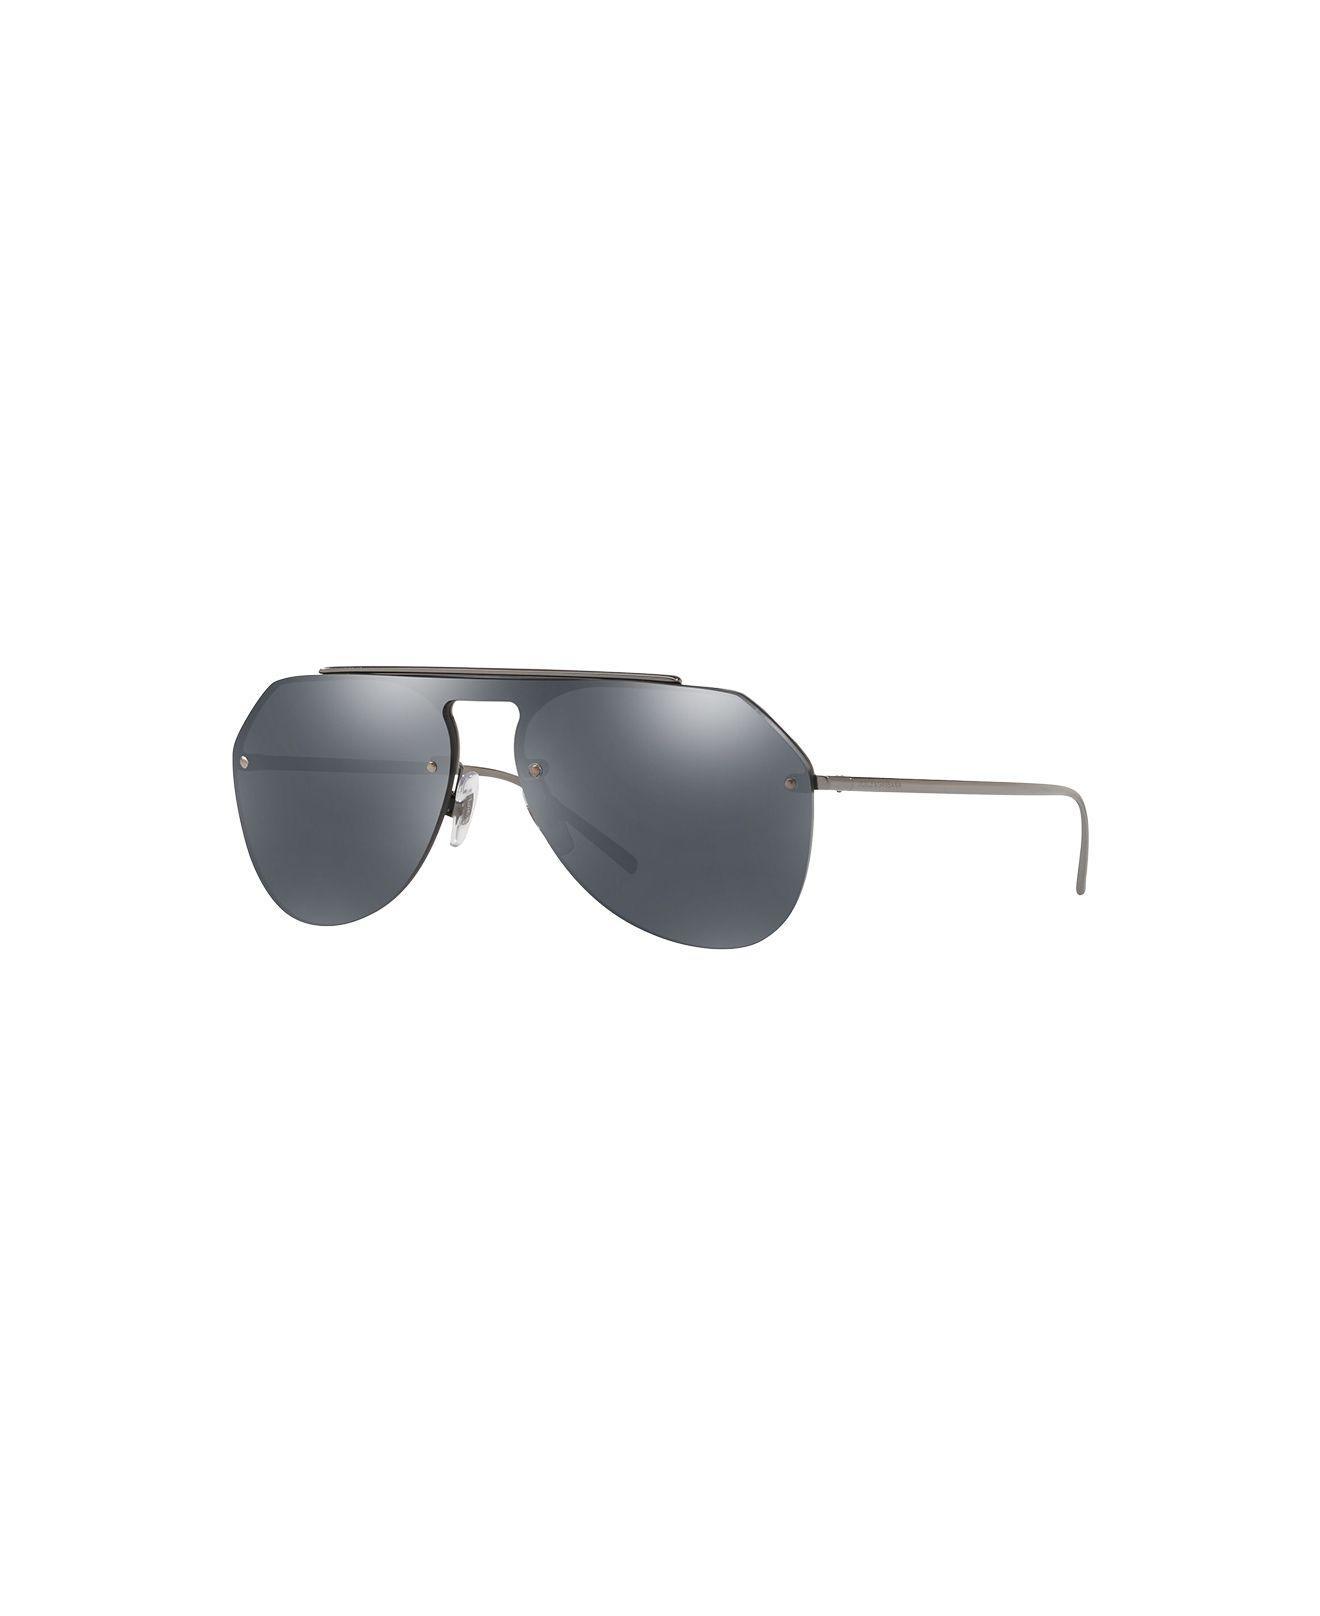 4dd7e576cb0 Dolce   Gabbana - Gray Dg2213 for Men - Lyst. View fullscreen